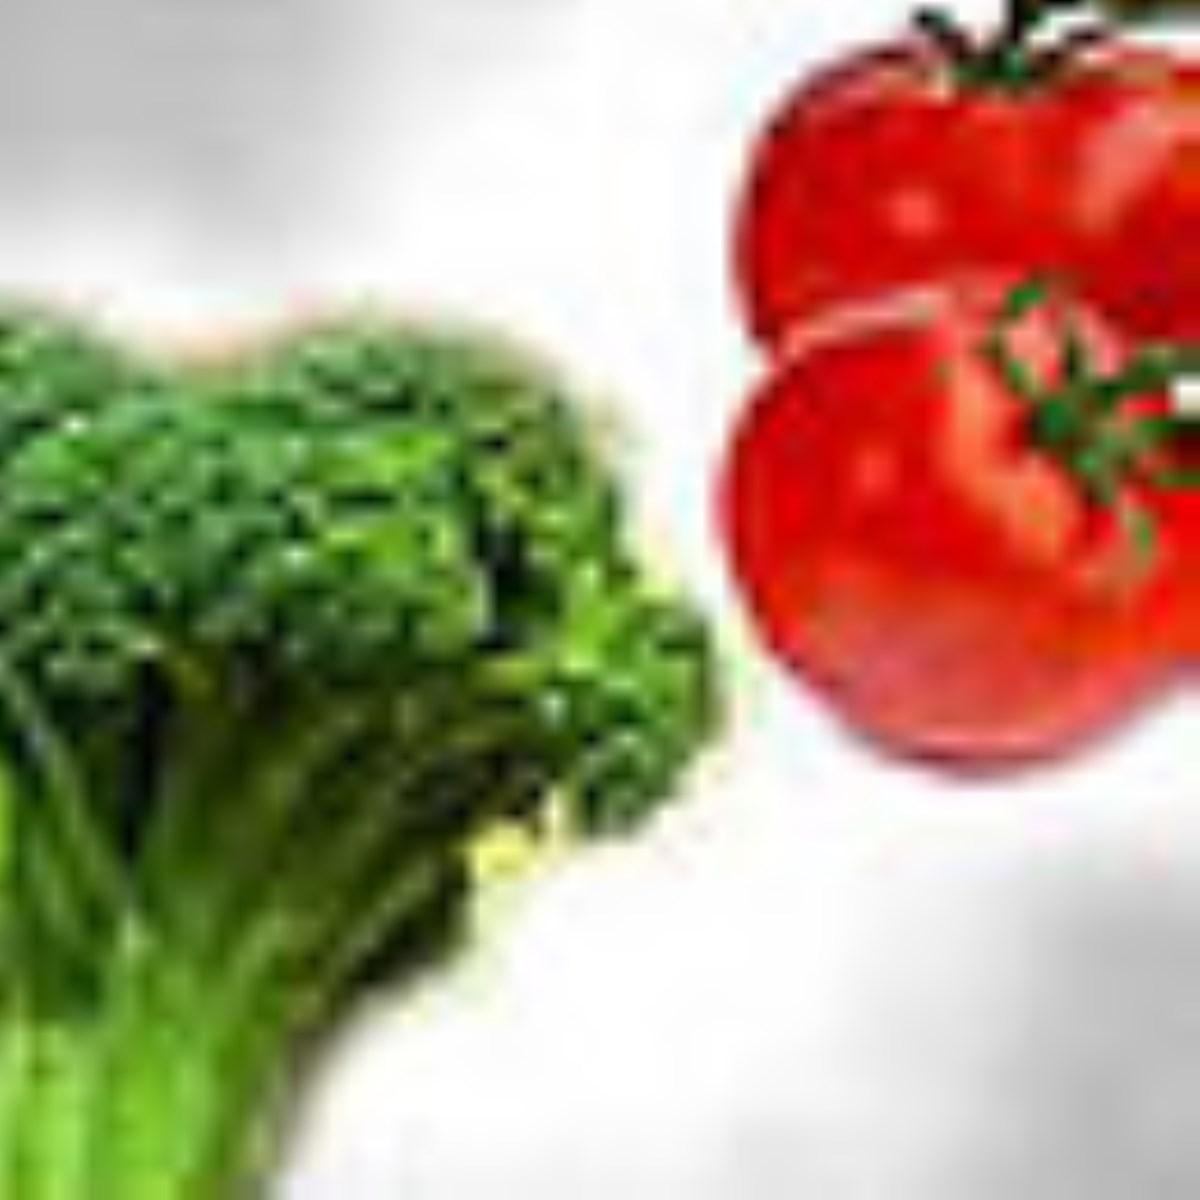 بروكلي و گوجه فرنگي، دو ميوه مفيد براي سلامت مردان